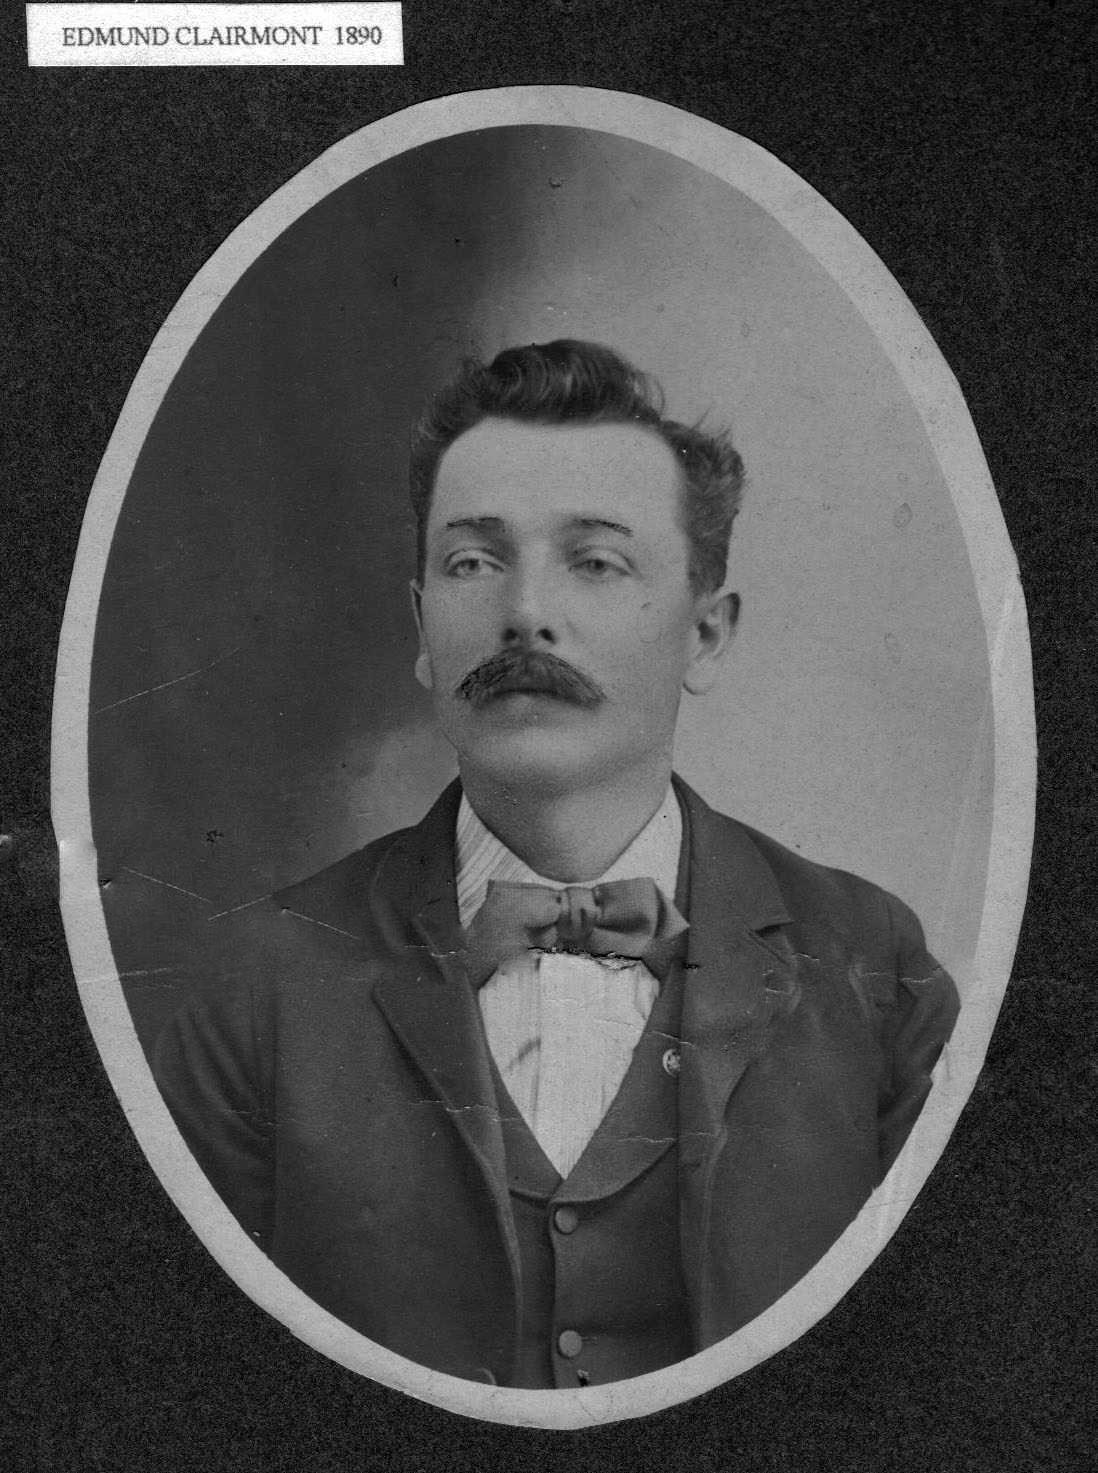 Edmond Clairmont 1890